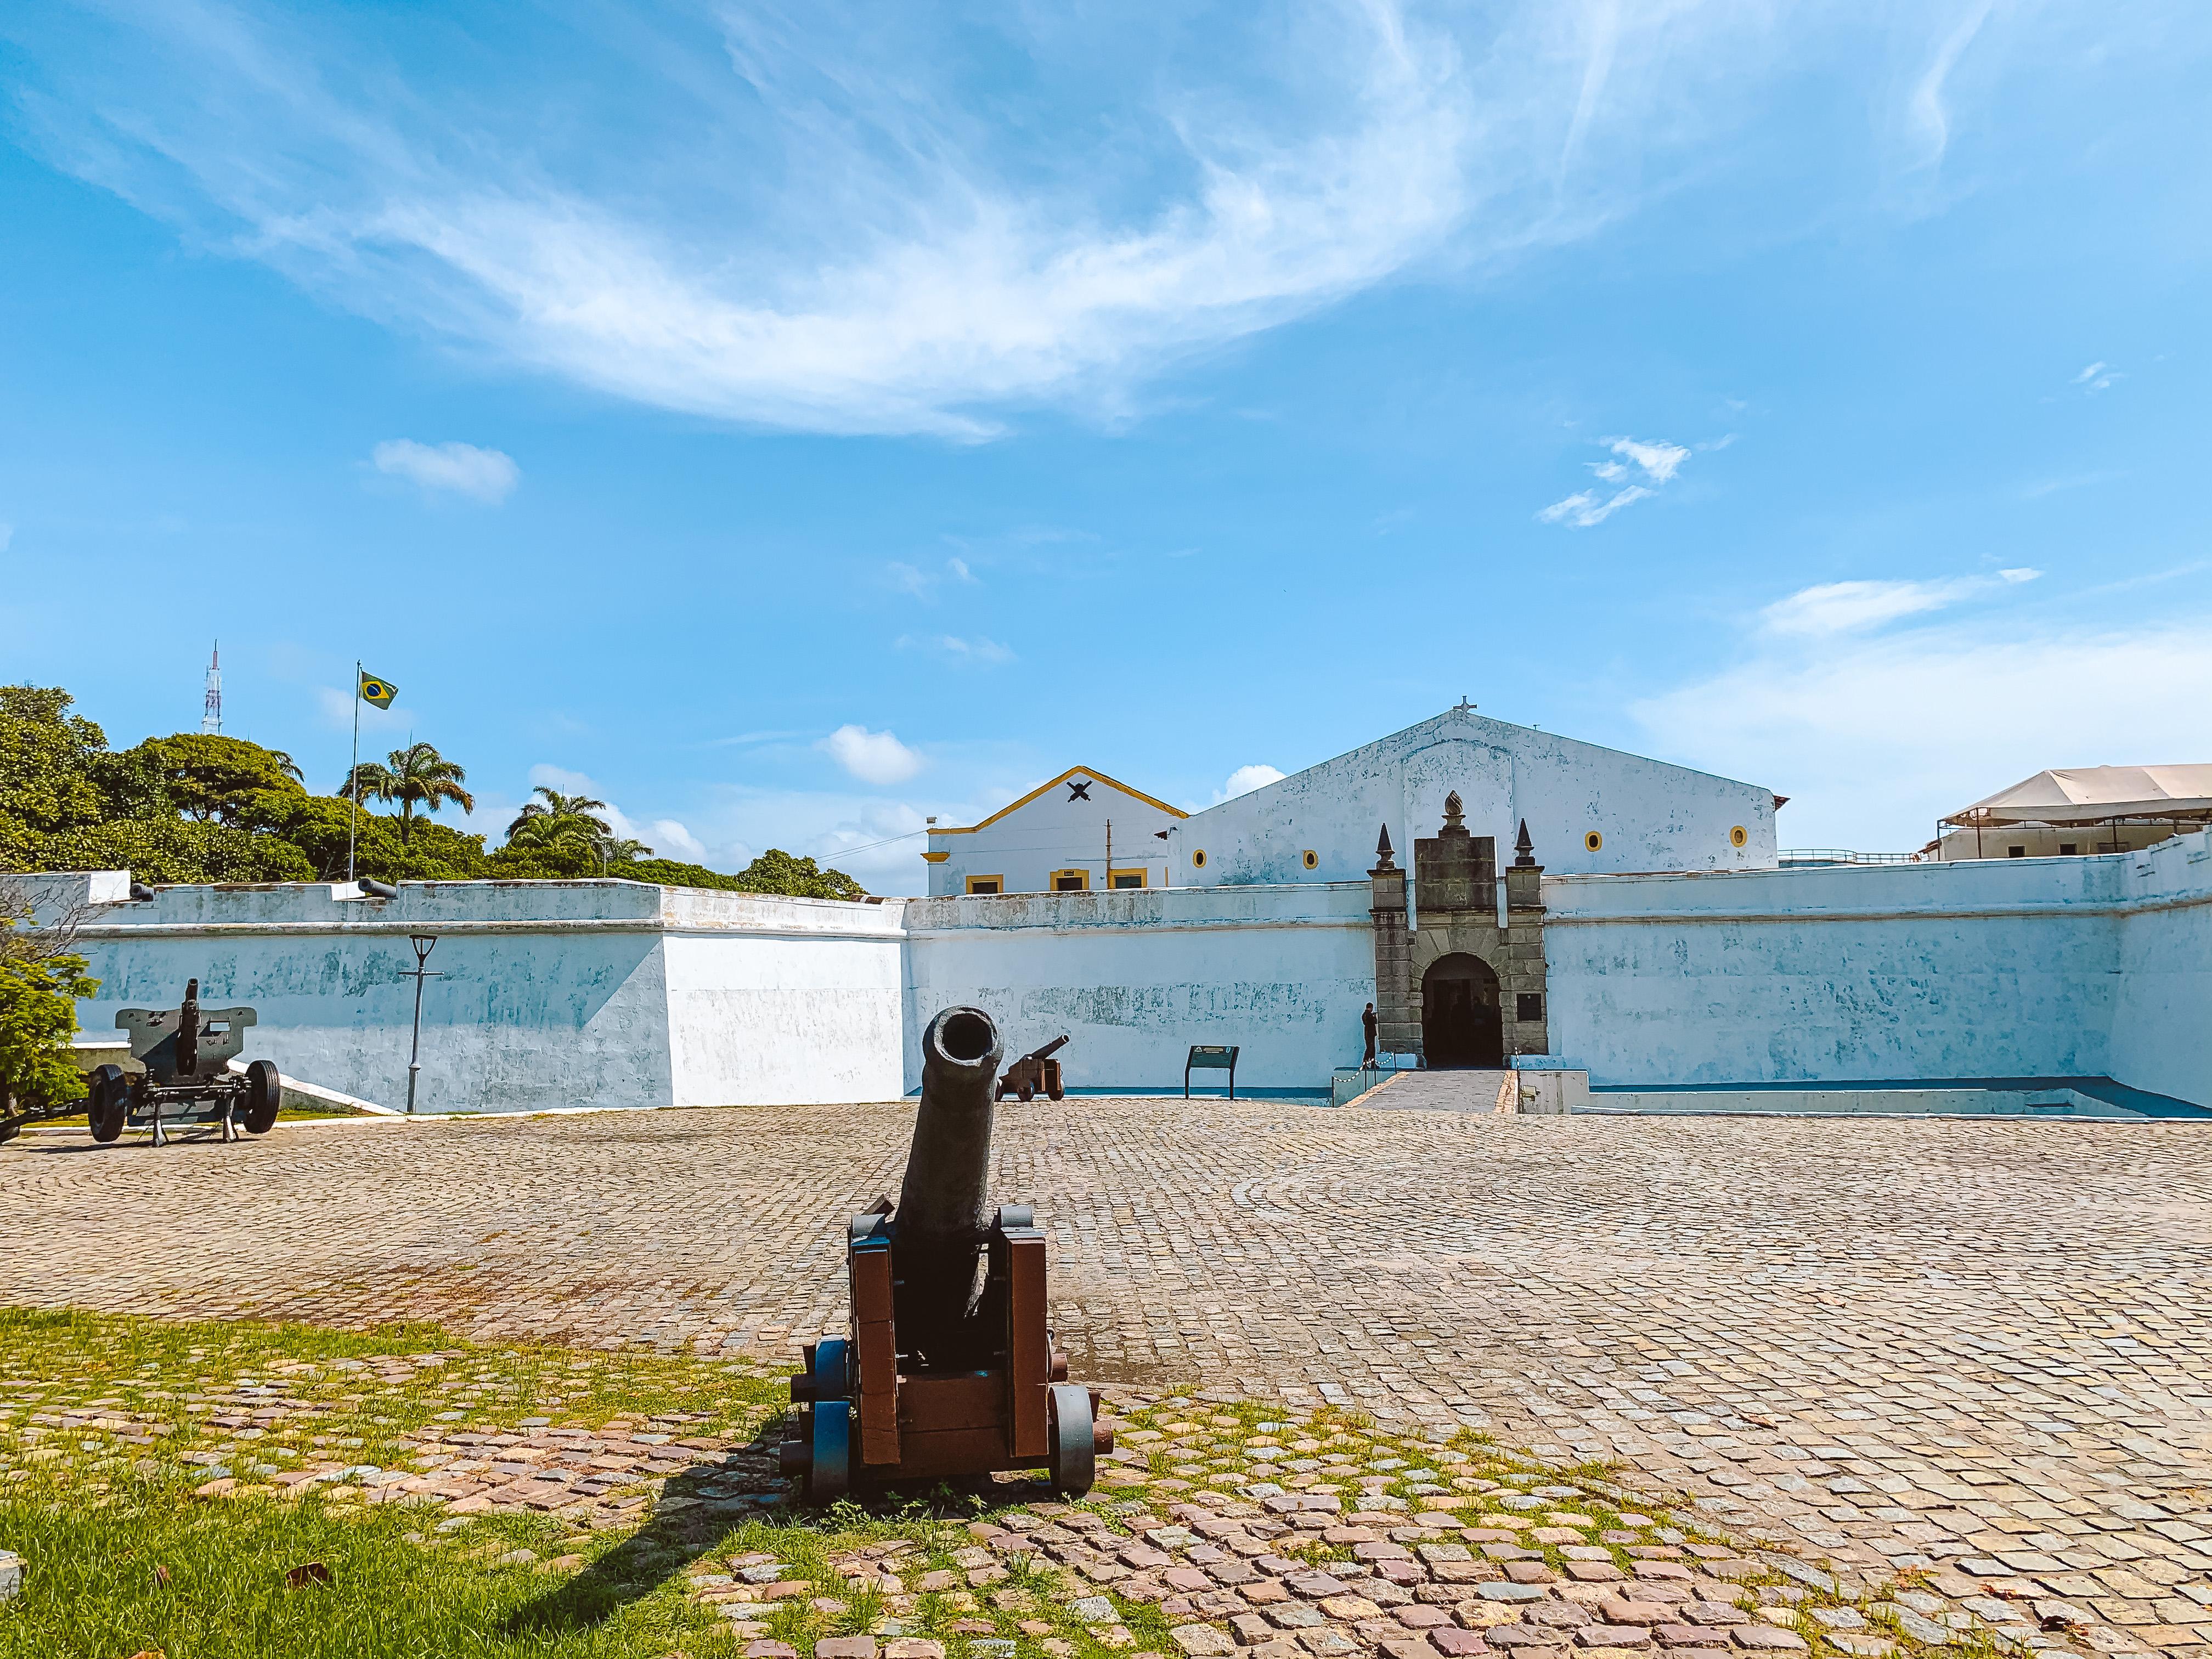 Domingo (19), o passeio a pé traz o roteiro Relógios do Recife enquanto o tour de bike fará o Circuito das Pontes. Quarta-feira (22), a opção a pé irá visitar o Museu do Forte do Brum. (Dondinho/Seturl-Recife  )